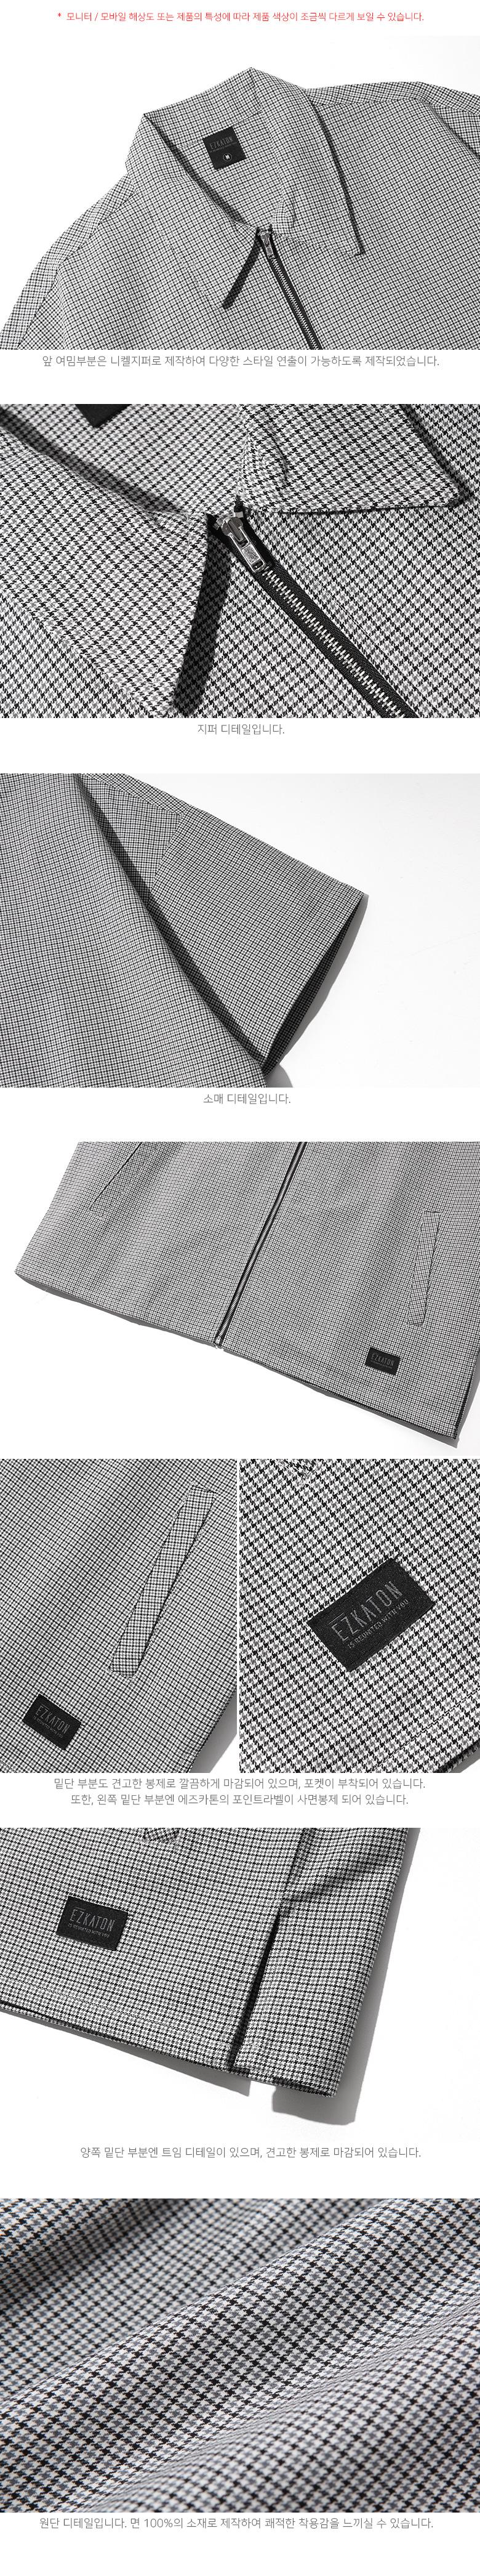 20190426_ez_deus_shirts_detail_bk_je_02.jpg